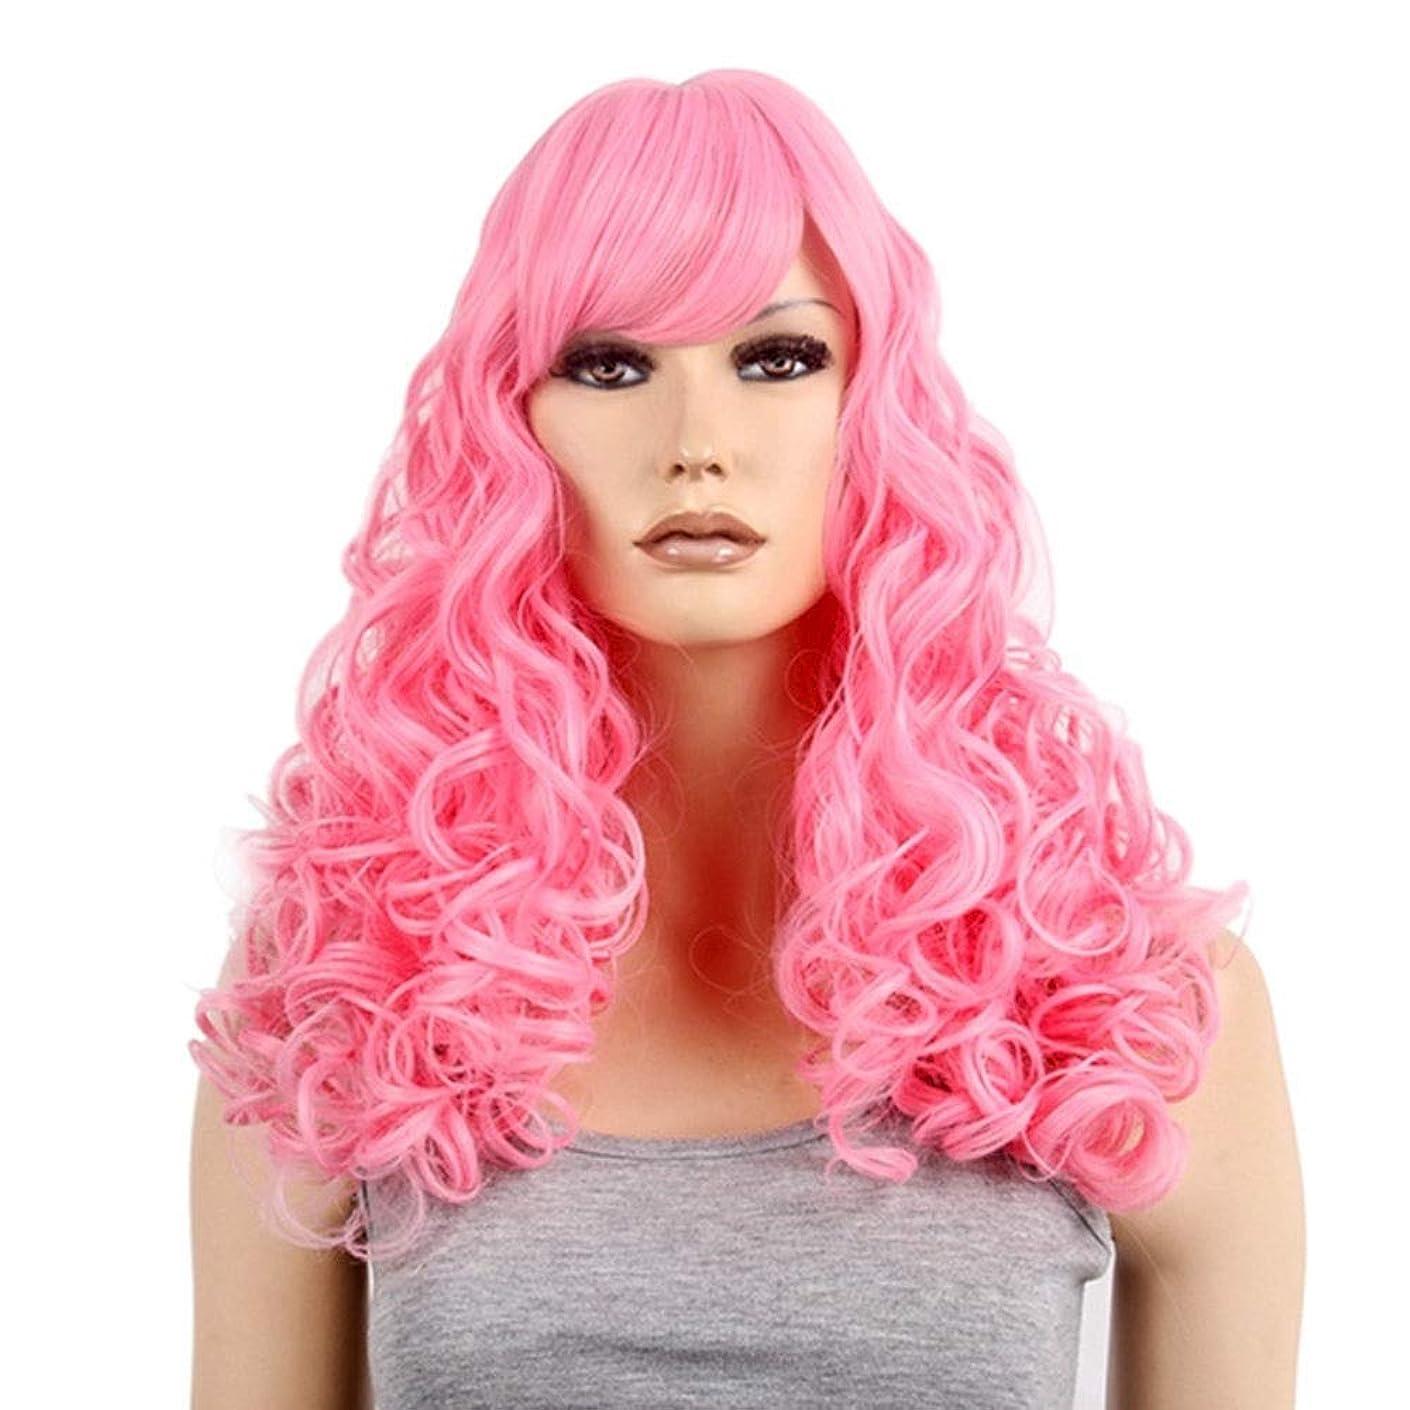 クラブ抜本的なファンブルBOBIDYEE コスプレウィッグアニメピンクの女性の長い巻き毛のかつらのかつら合成髪のレースのかつらロールプレイングかつら (色 : ピンク)